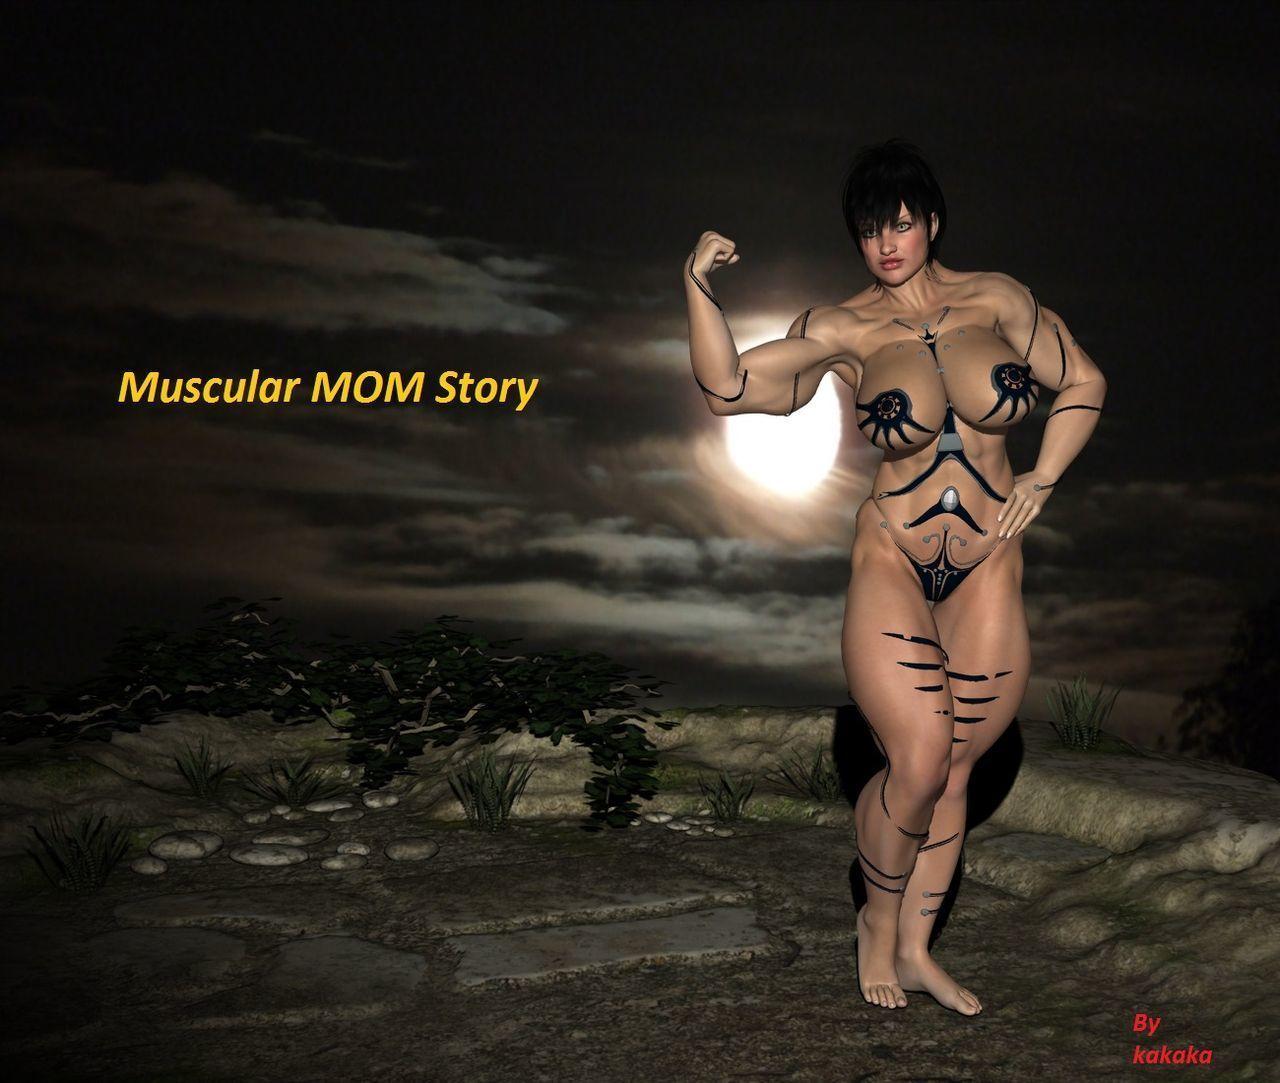 [kakaka] Muscular MOM